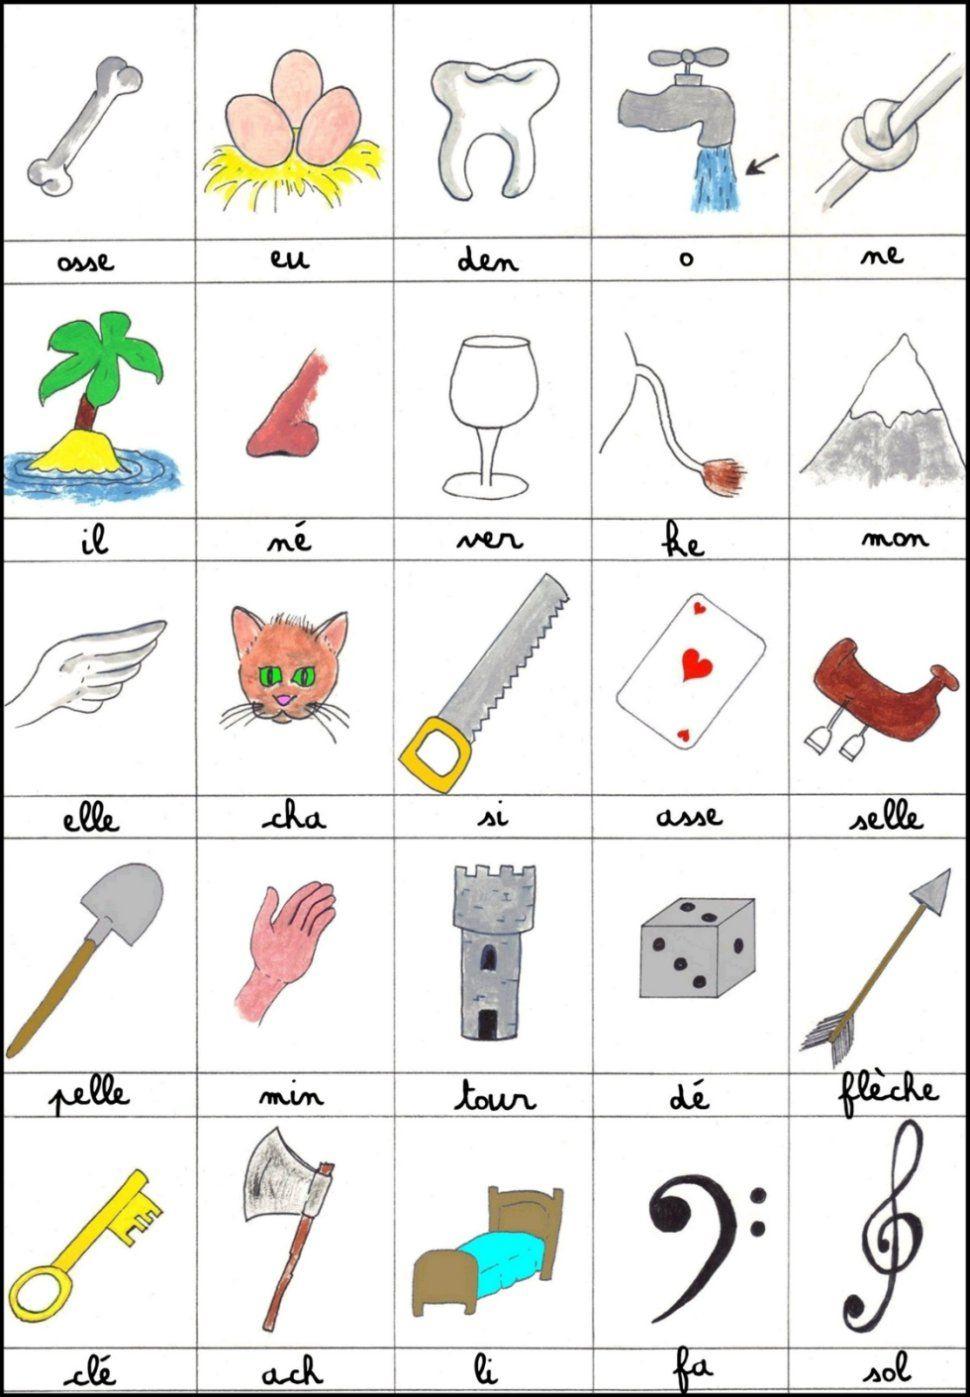 Des Idées D'énigmes Pour Les Enfants (Avec Images) | Rebus intérieur Jeux De Rebus